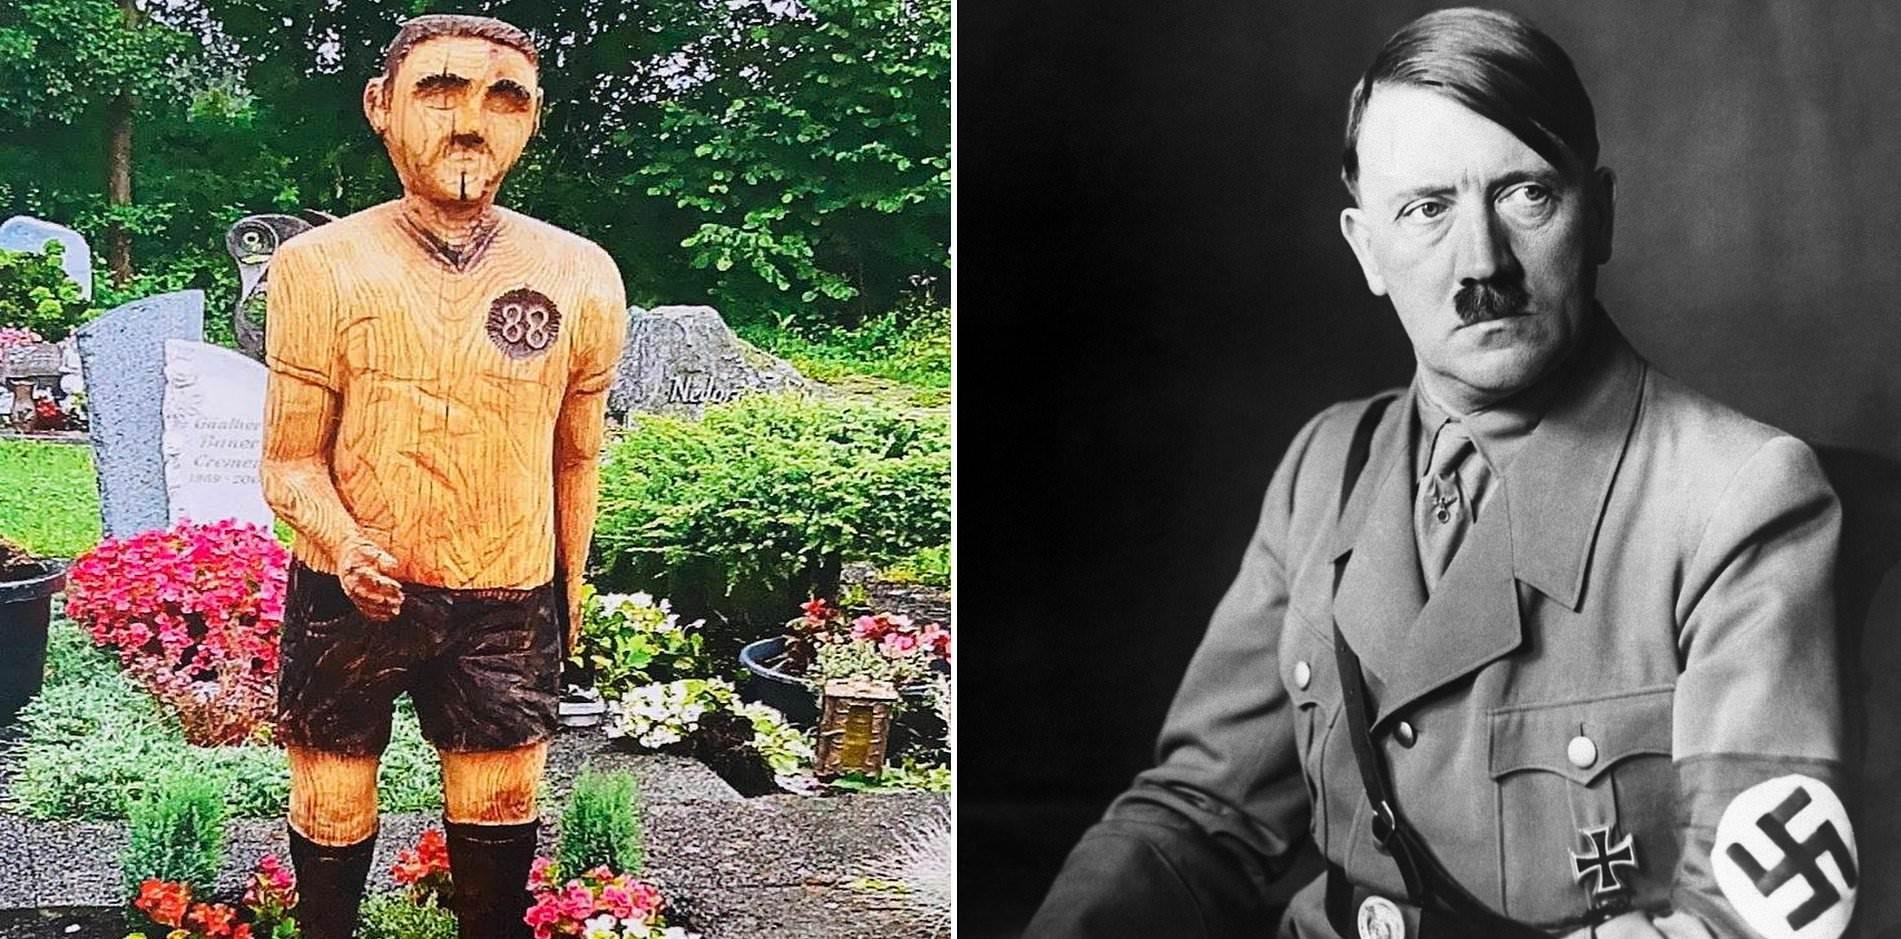 Costretto a rimuovere la statua sulla tomba del padre, assomiglia a Hitler